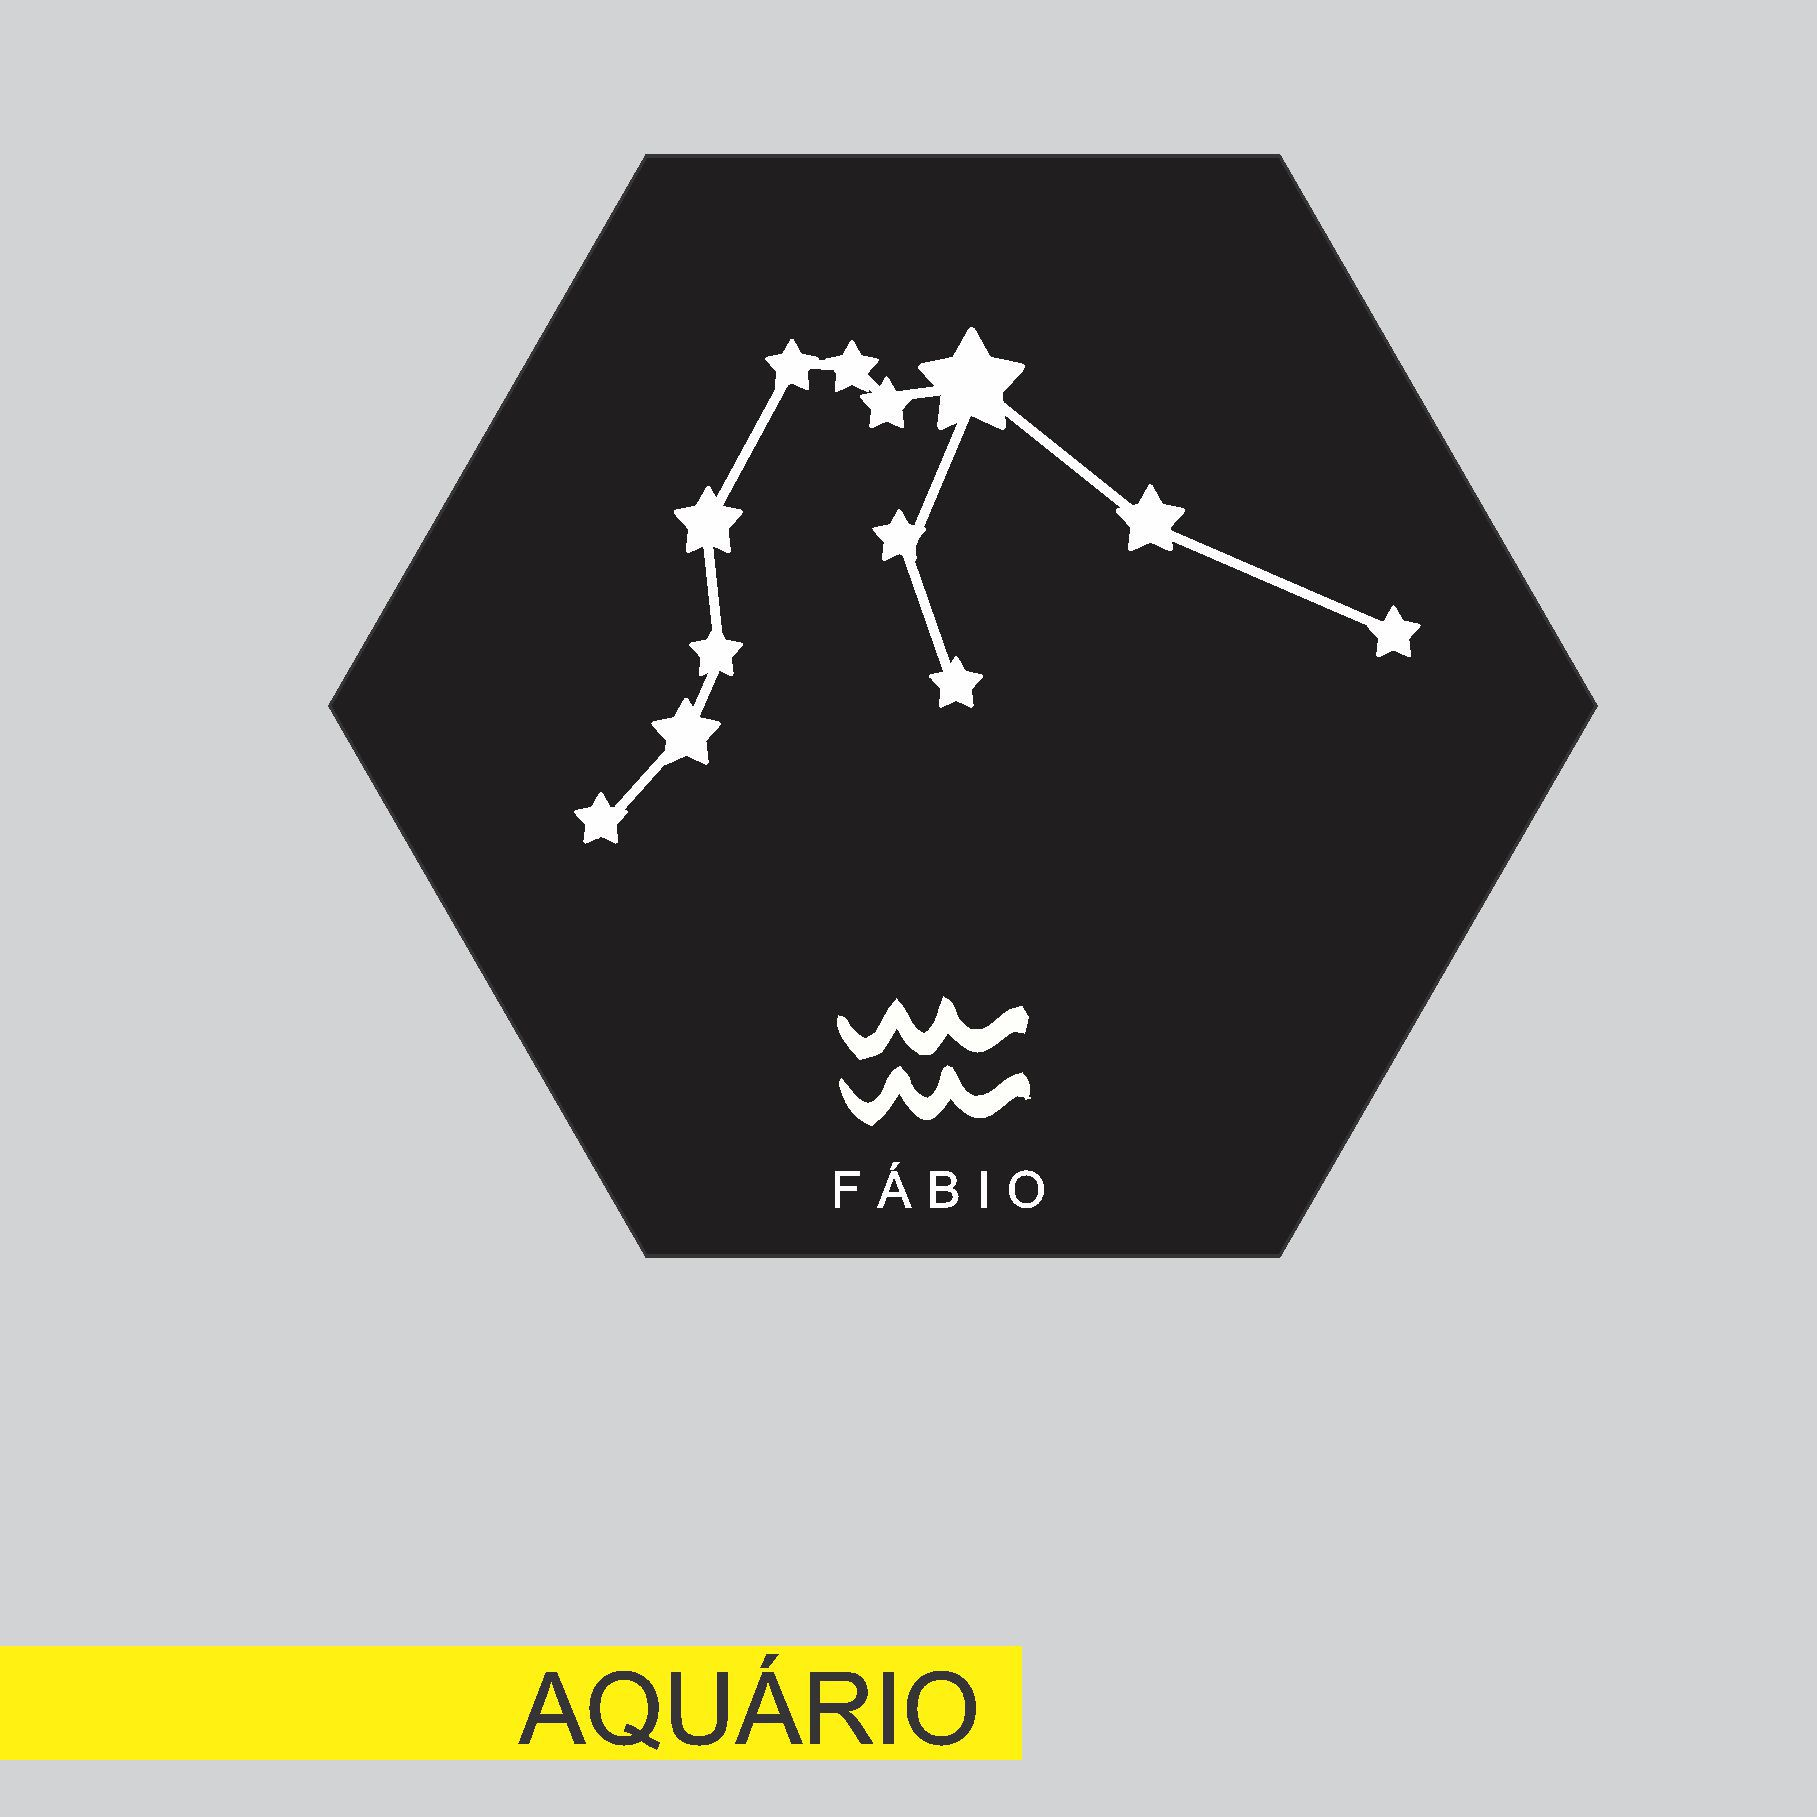 Quadro Personalizado signos do horoscopo - AQUÁRIO